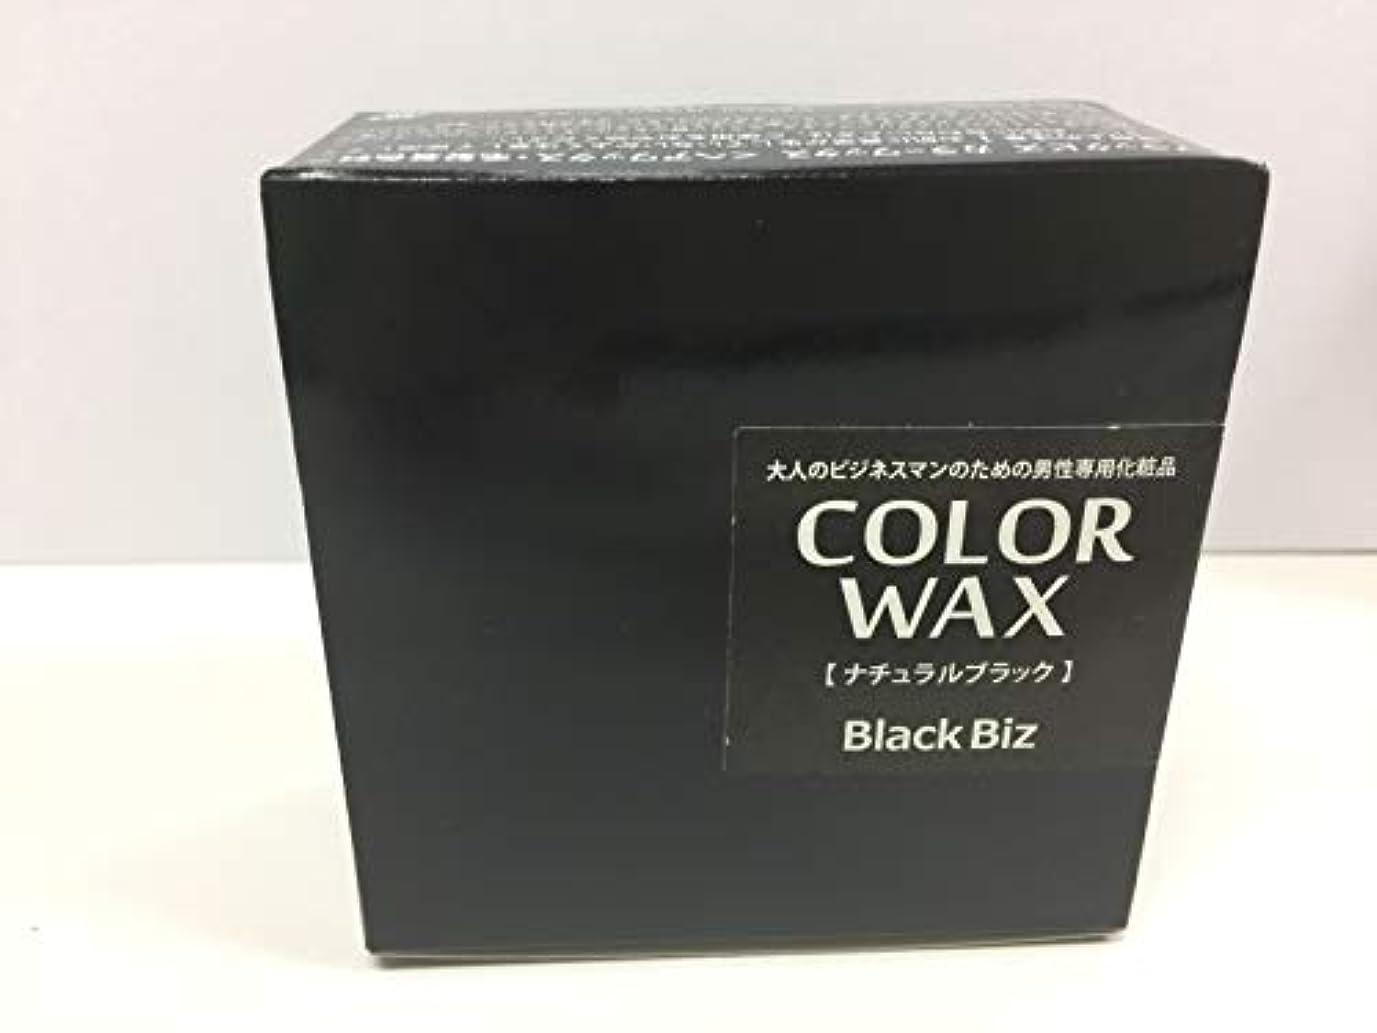 スキッパー永遠にフォーカス大人のビジネスマンのための男性専用化粧品 BlackBiz COLOR WAX ブラックビズ カラーワックス 【ナチュラルブラック】